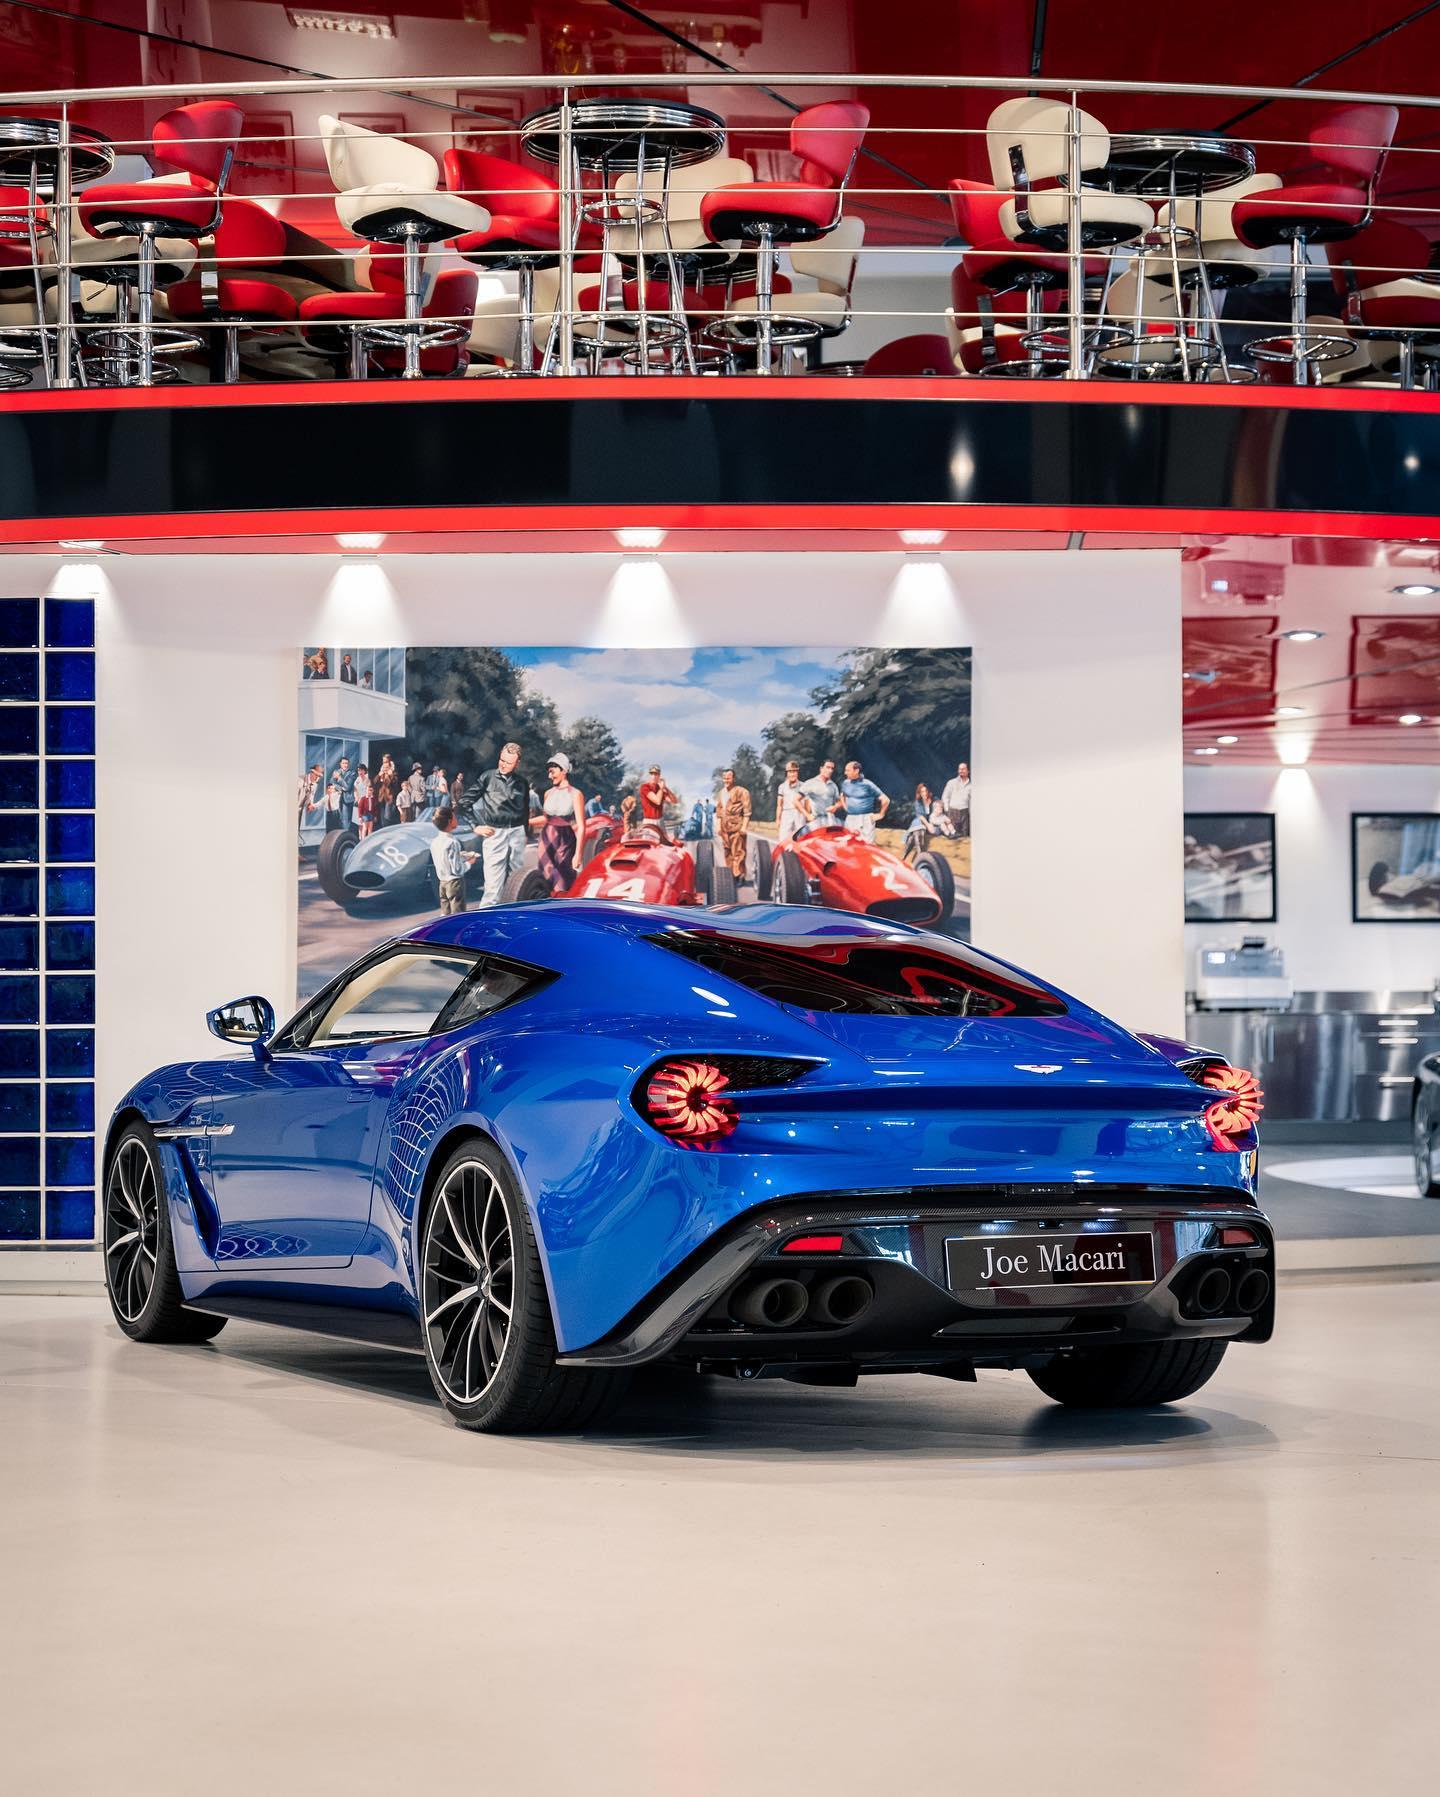 Aston_Martin_Vanquish_Zagato_Coupe_sale_0001